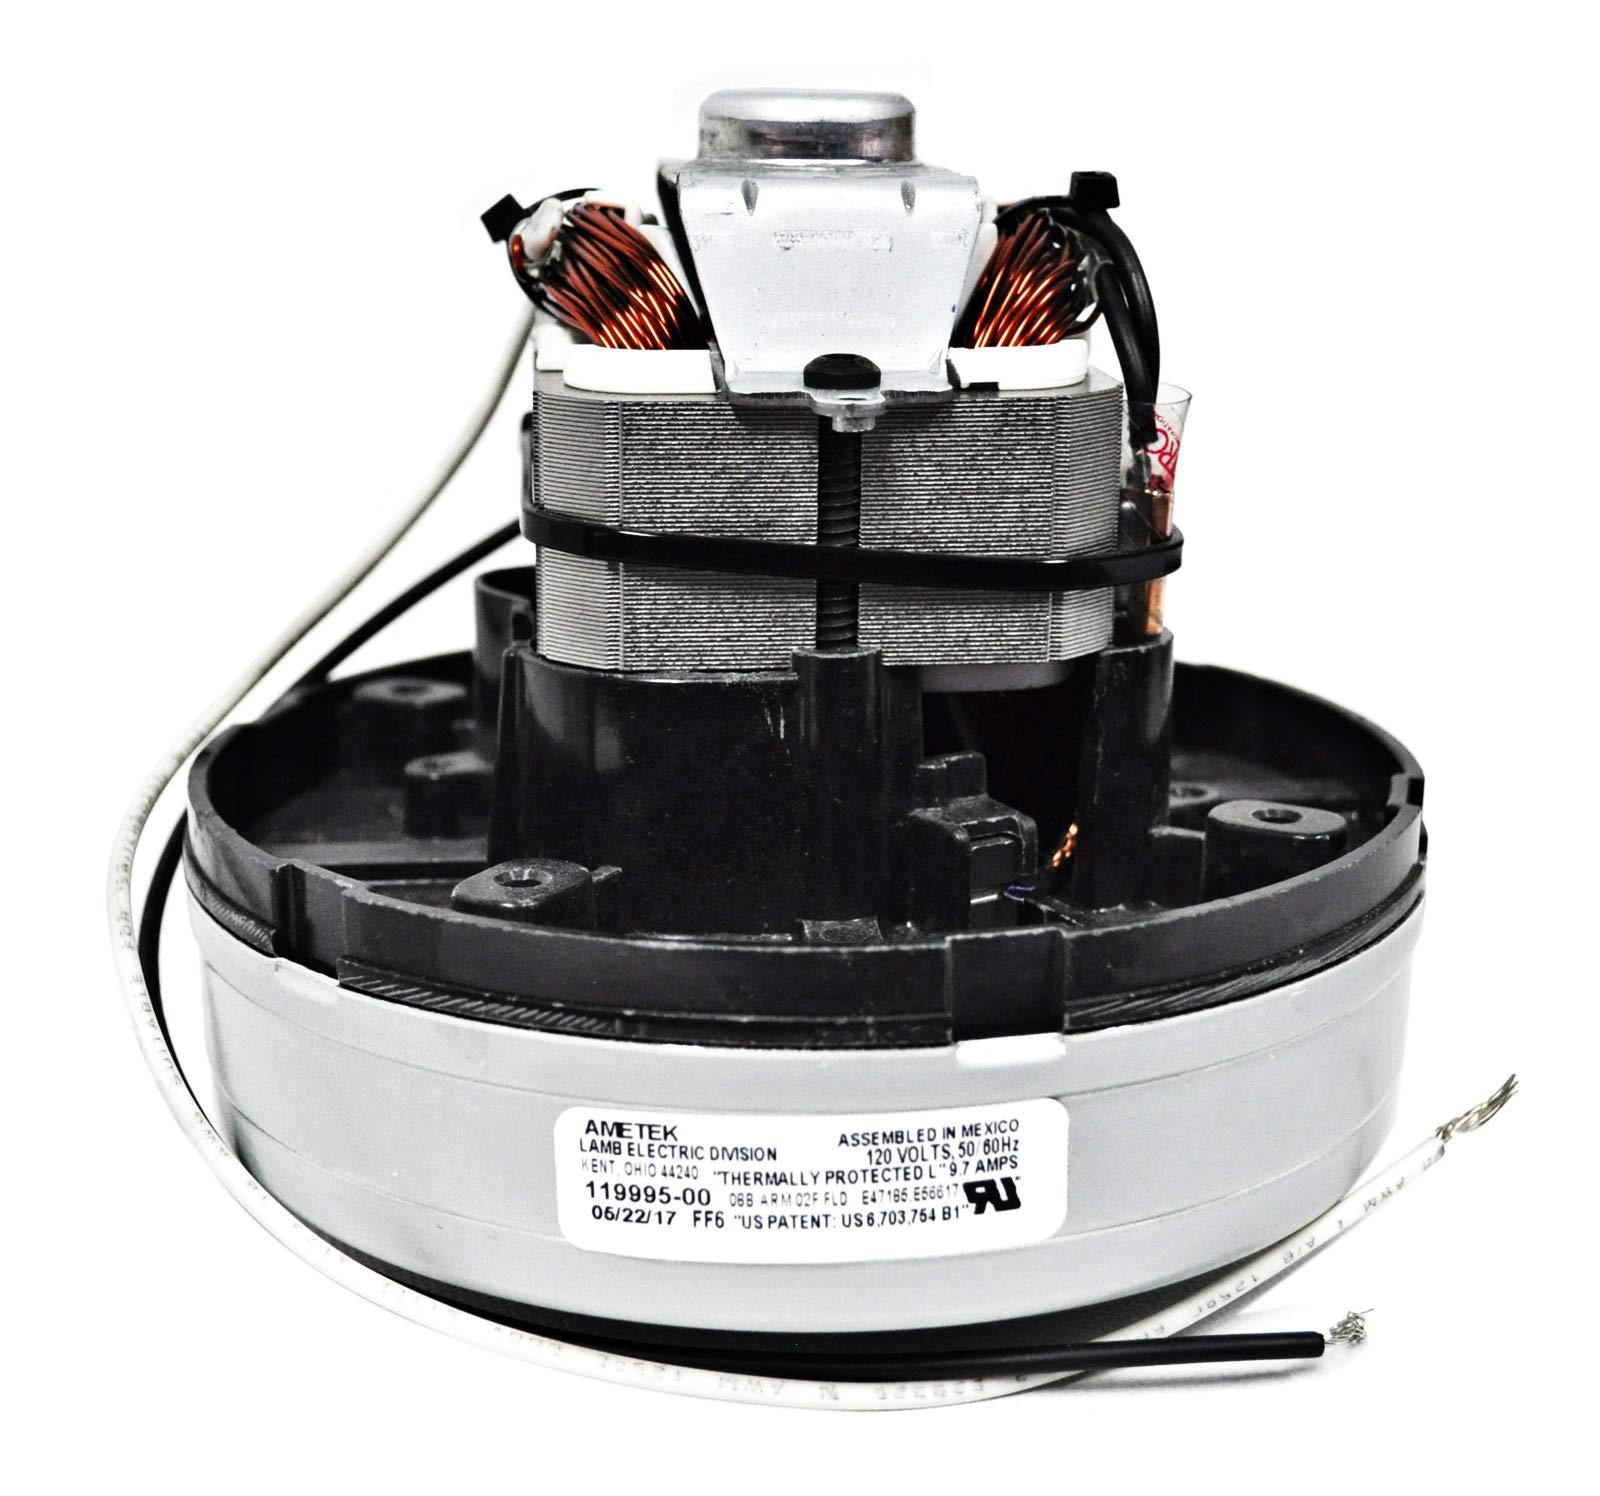 Ametek Lamb 5.7 Inch 120 Volt 1 Stage TF B/B Vacuum Motor 119995-00 by Ametek